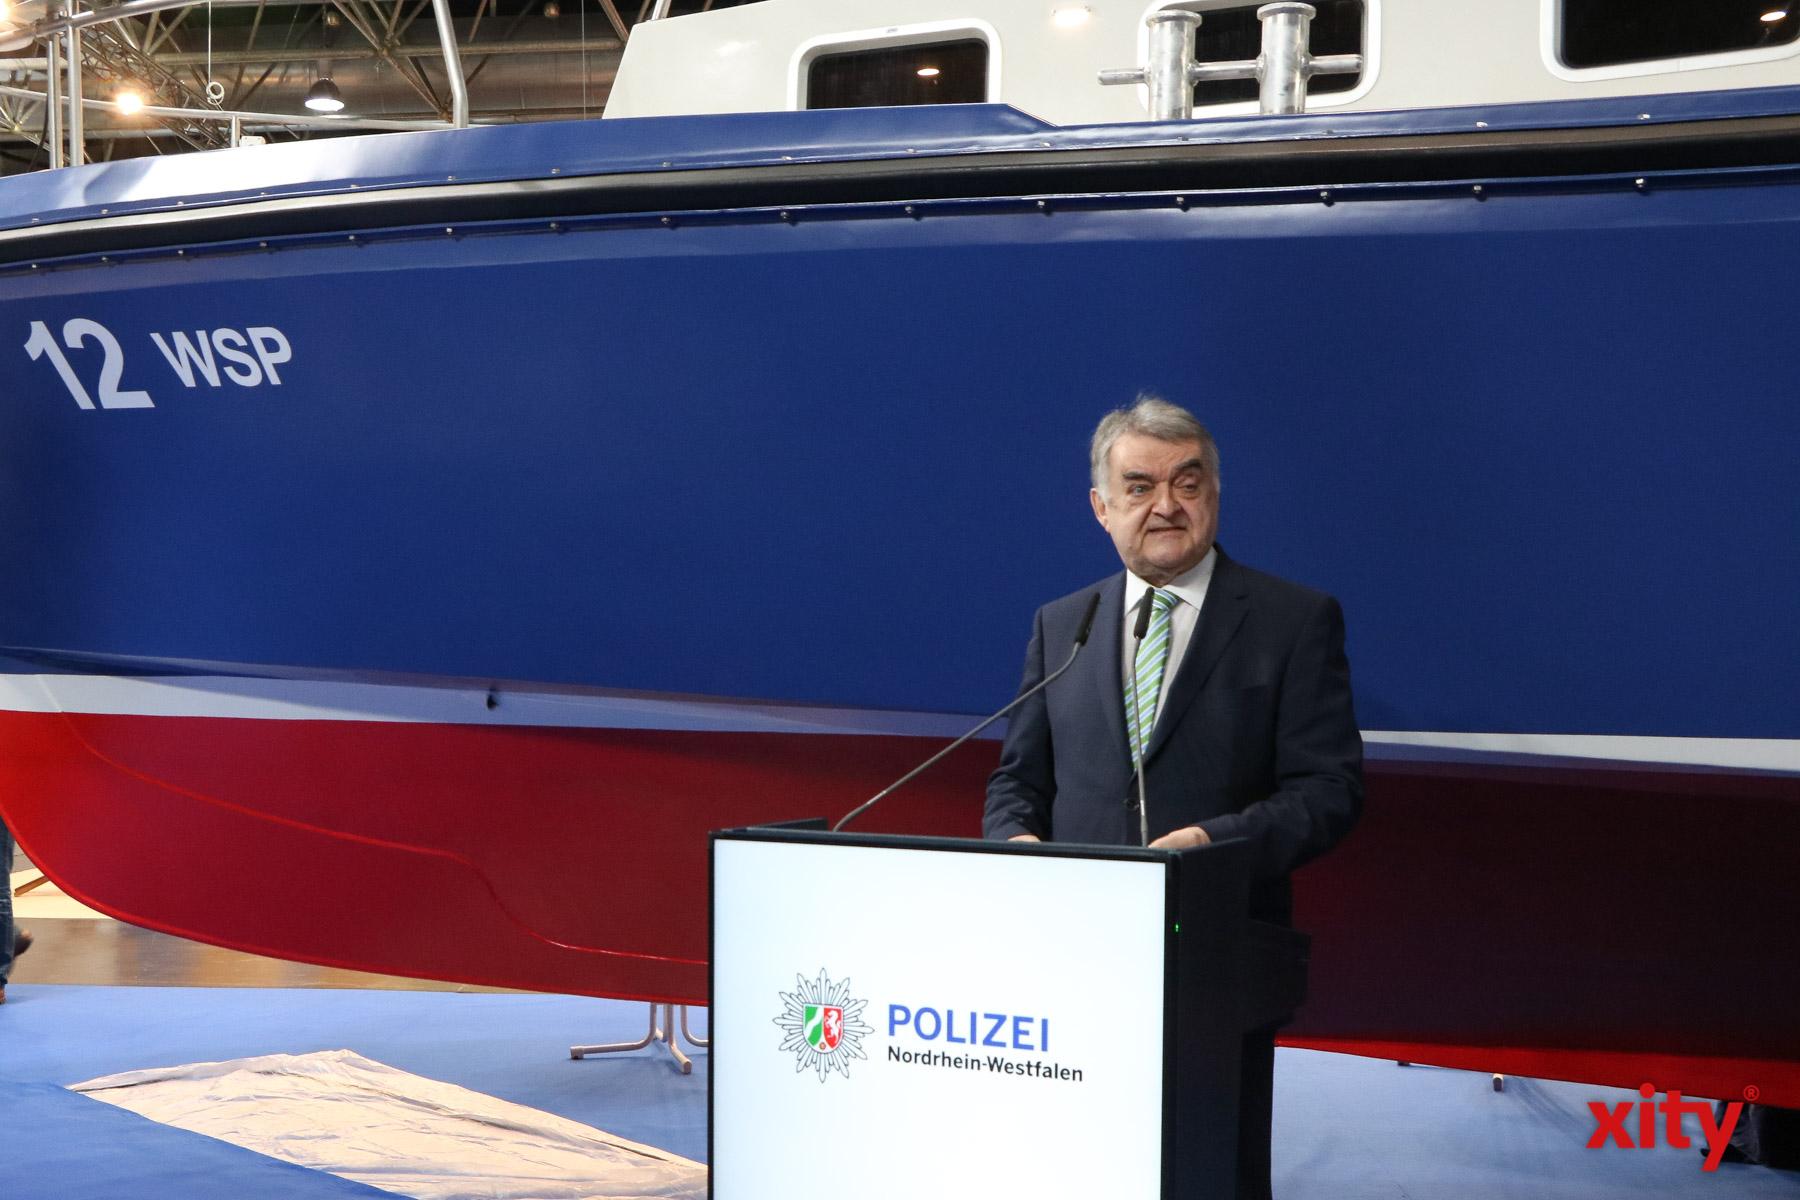 """NRW-Innenminister Reul stellt """"WSP 12"""" vor"""